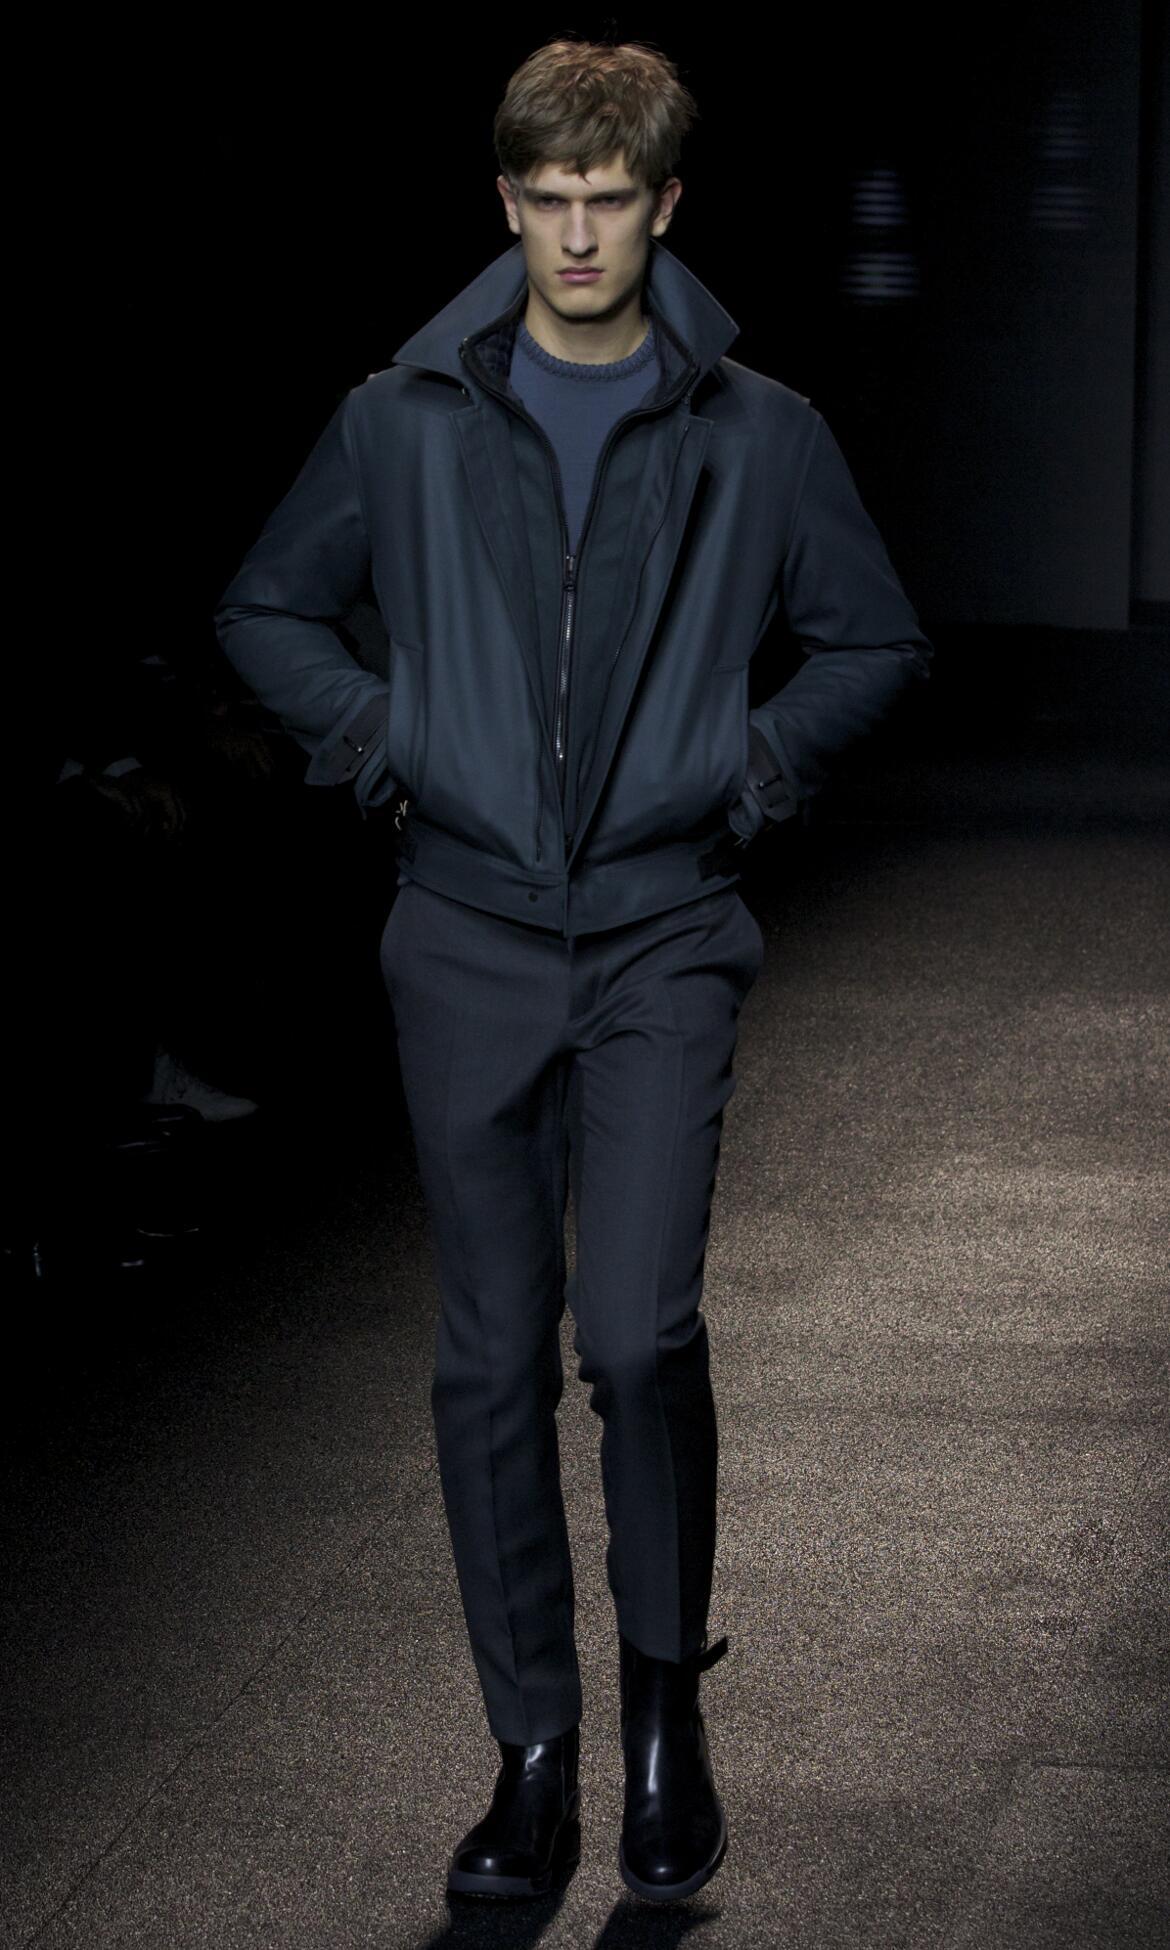 Catwalk Salvatore Ferragamo Fashion Show Winter 2013 2014